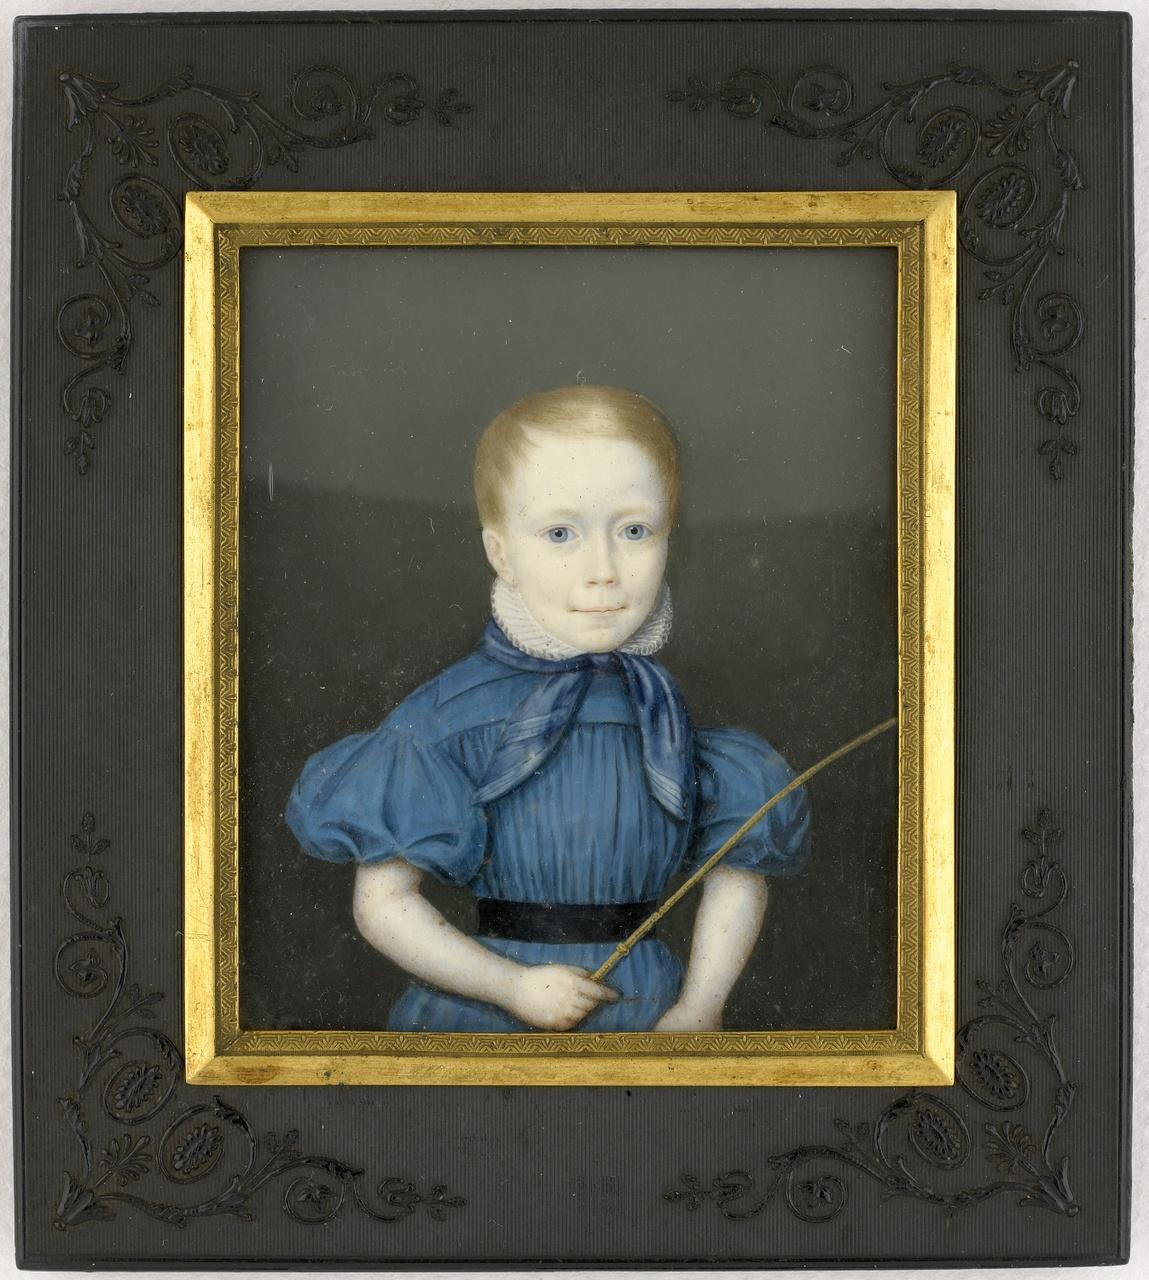 Miniatuurportret van Jhr. Pieter Damas van Citters II (1831-1904) als kind, Anoniem